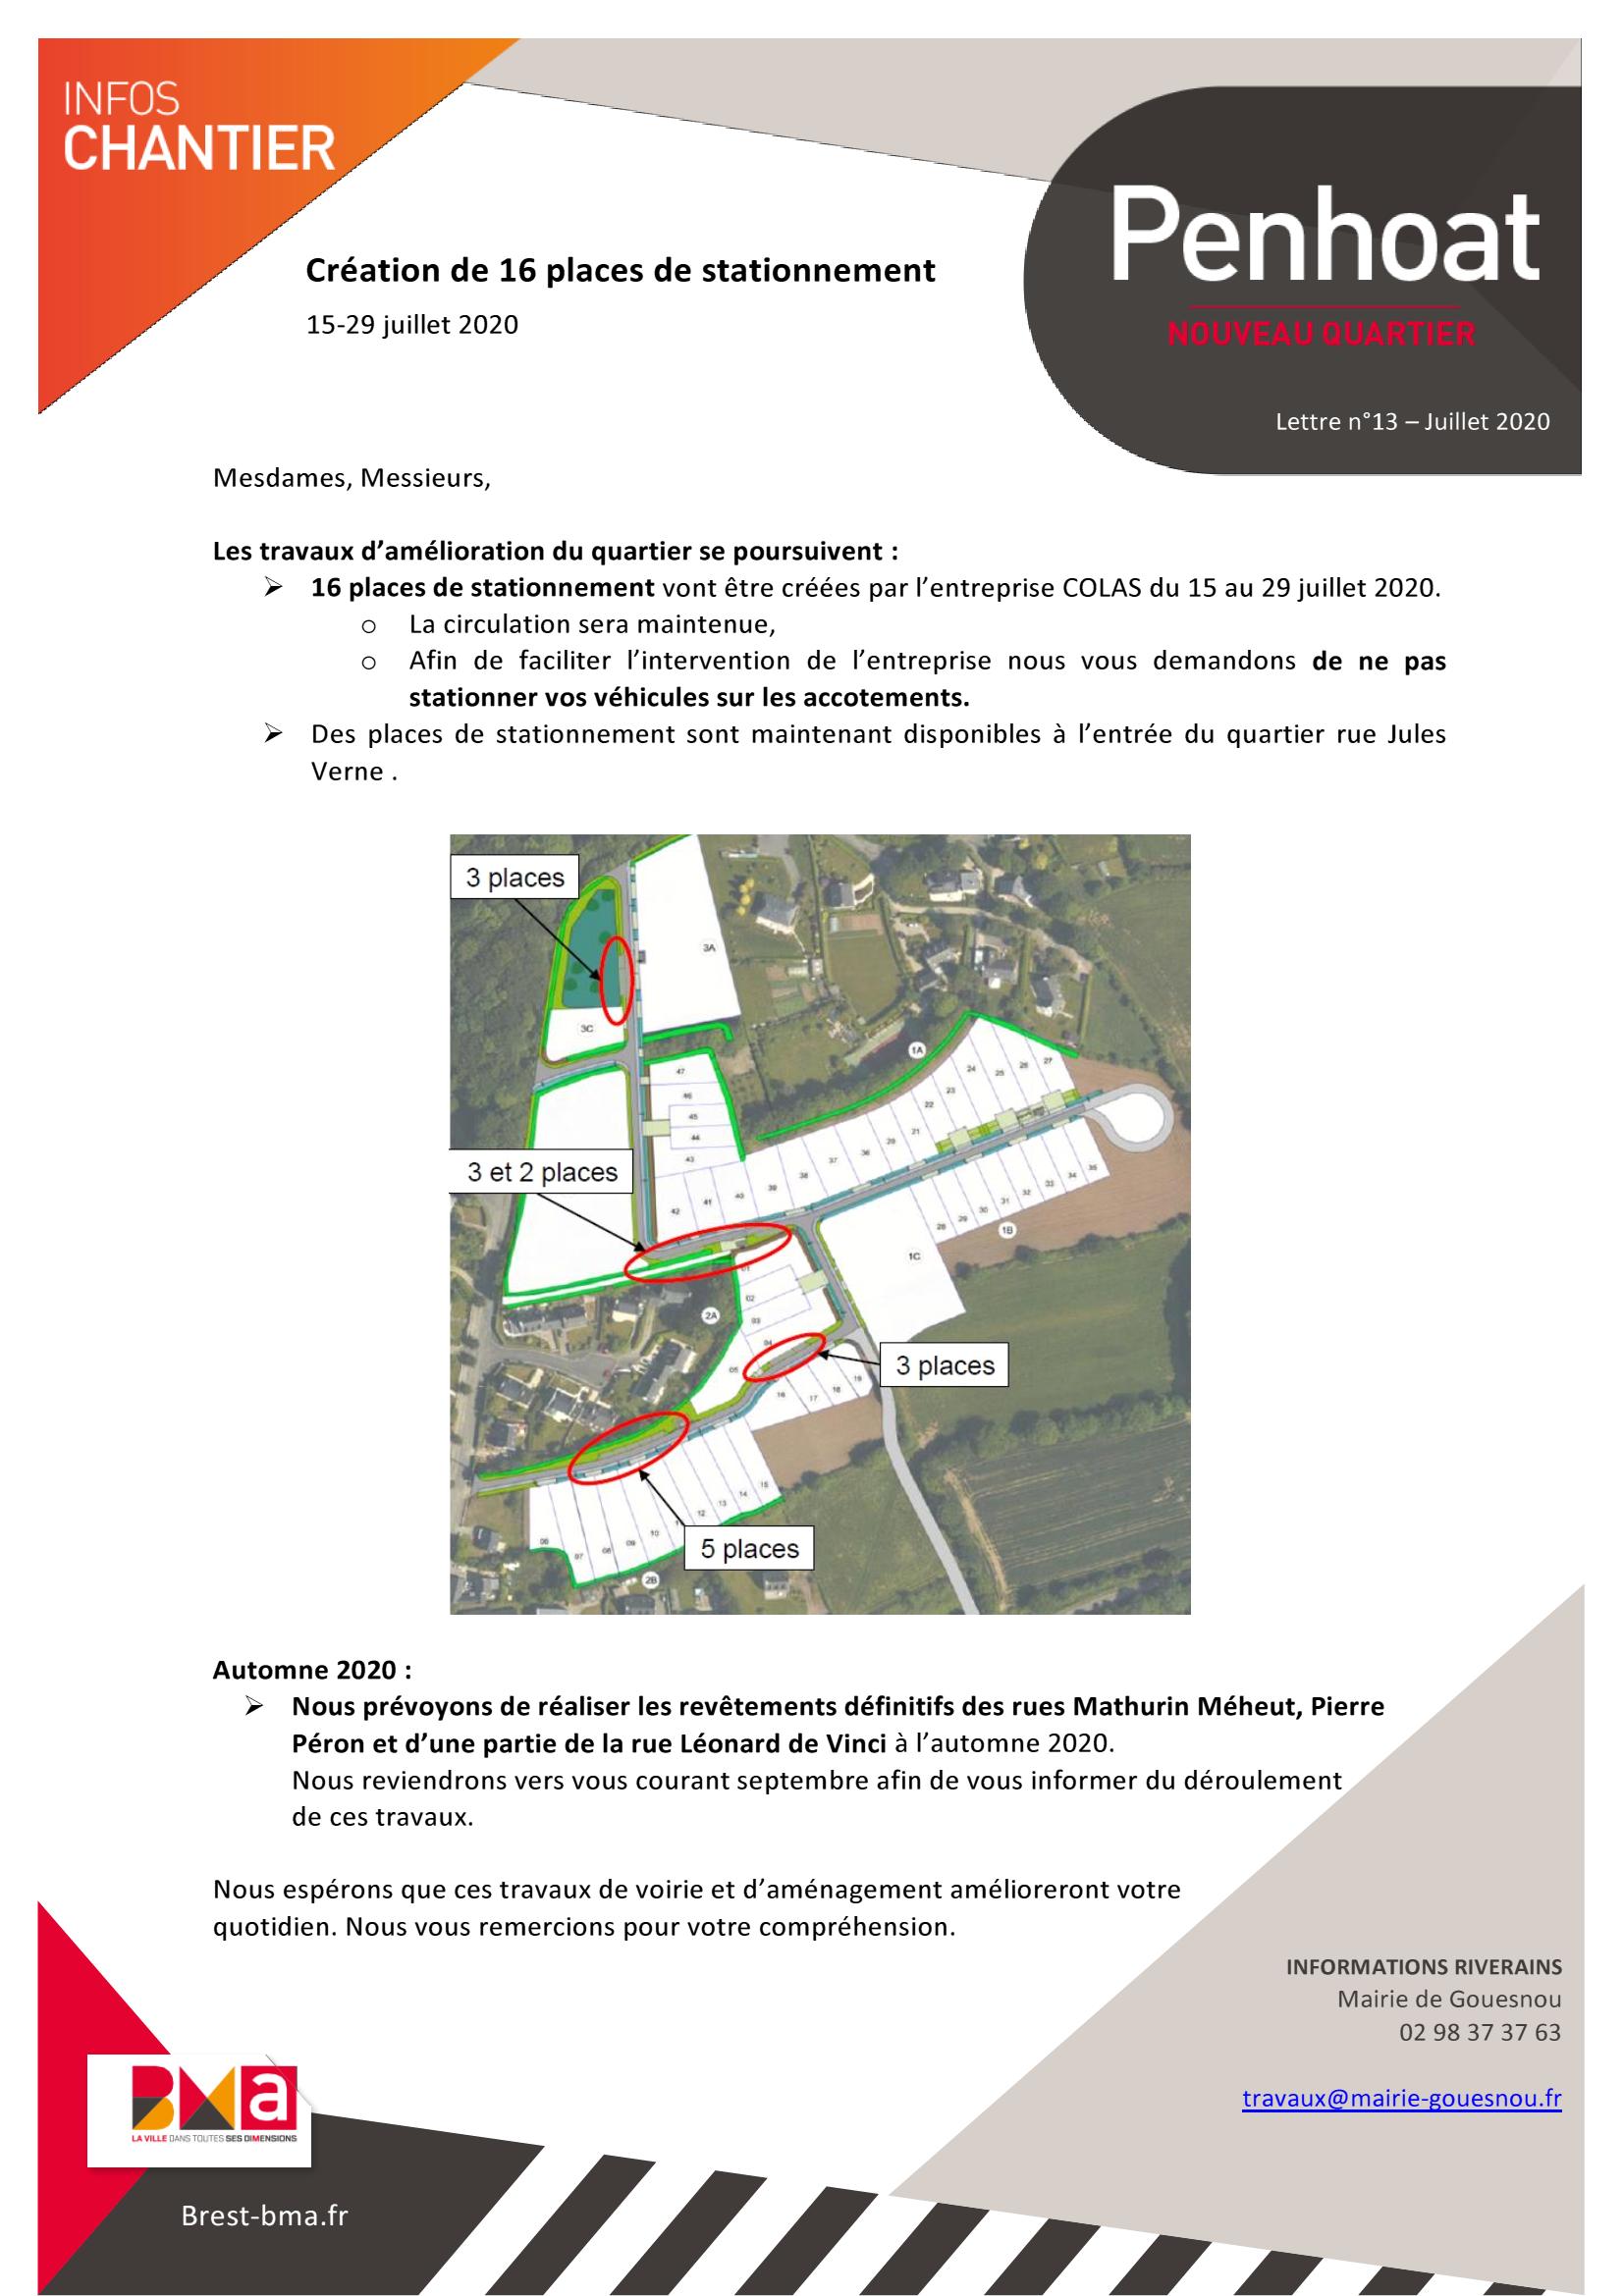 Penhoat – création de 16 places de stationnement du 15 au 29 juillet 2020